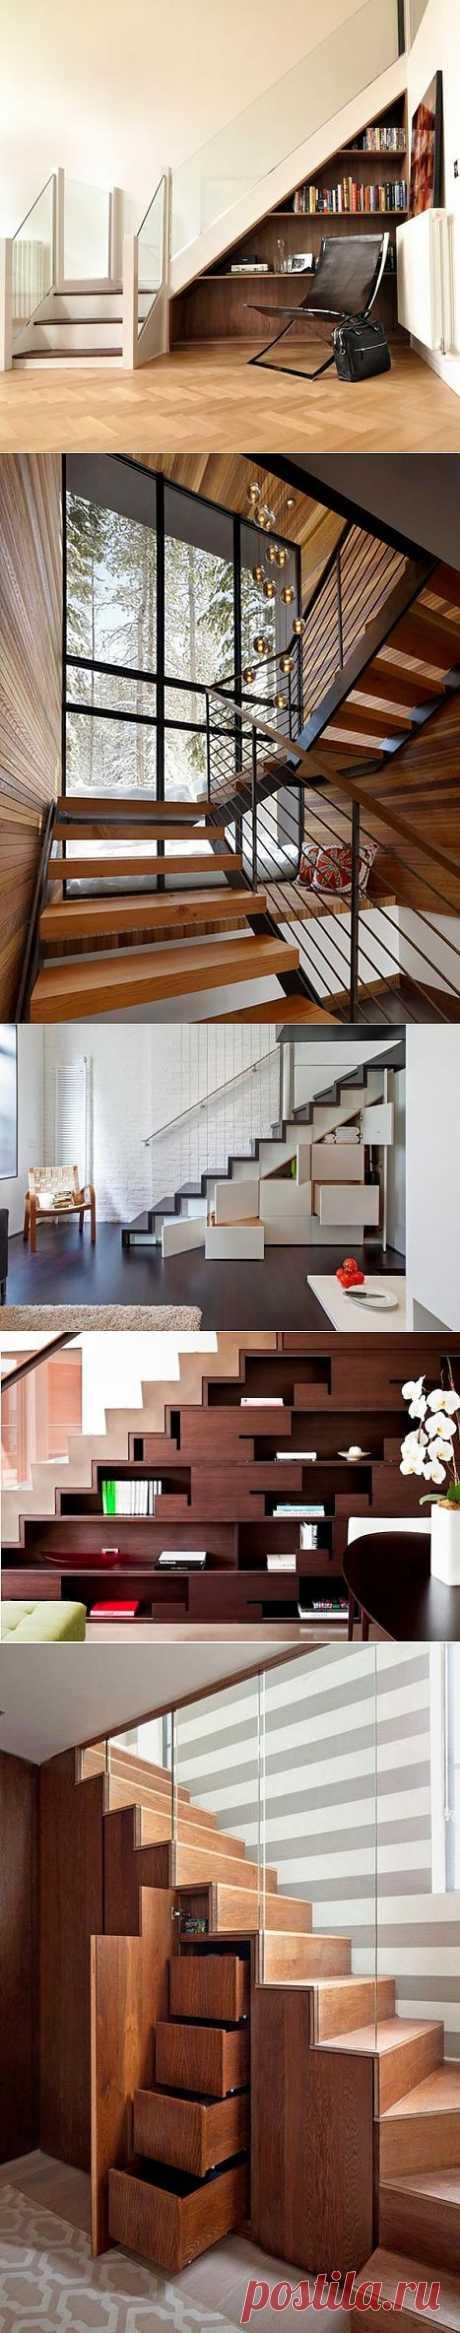 10 современных идей для хранения под лестницей.